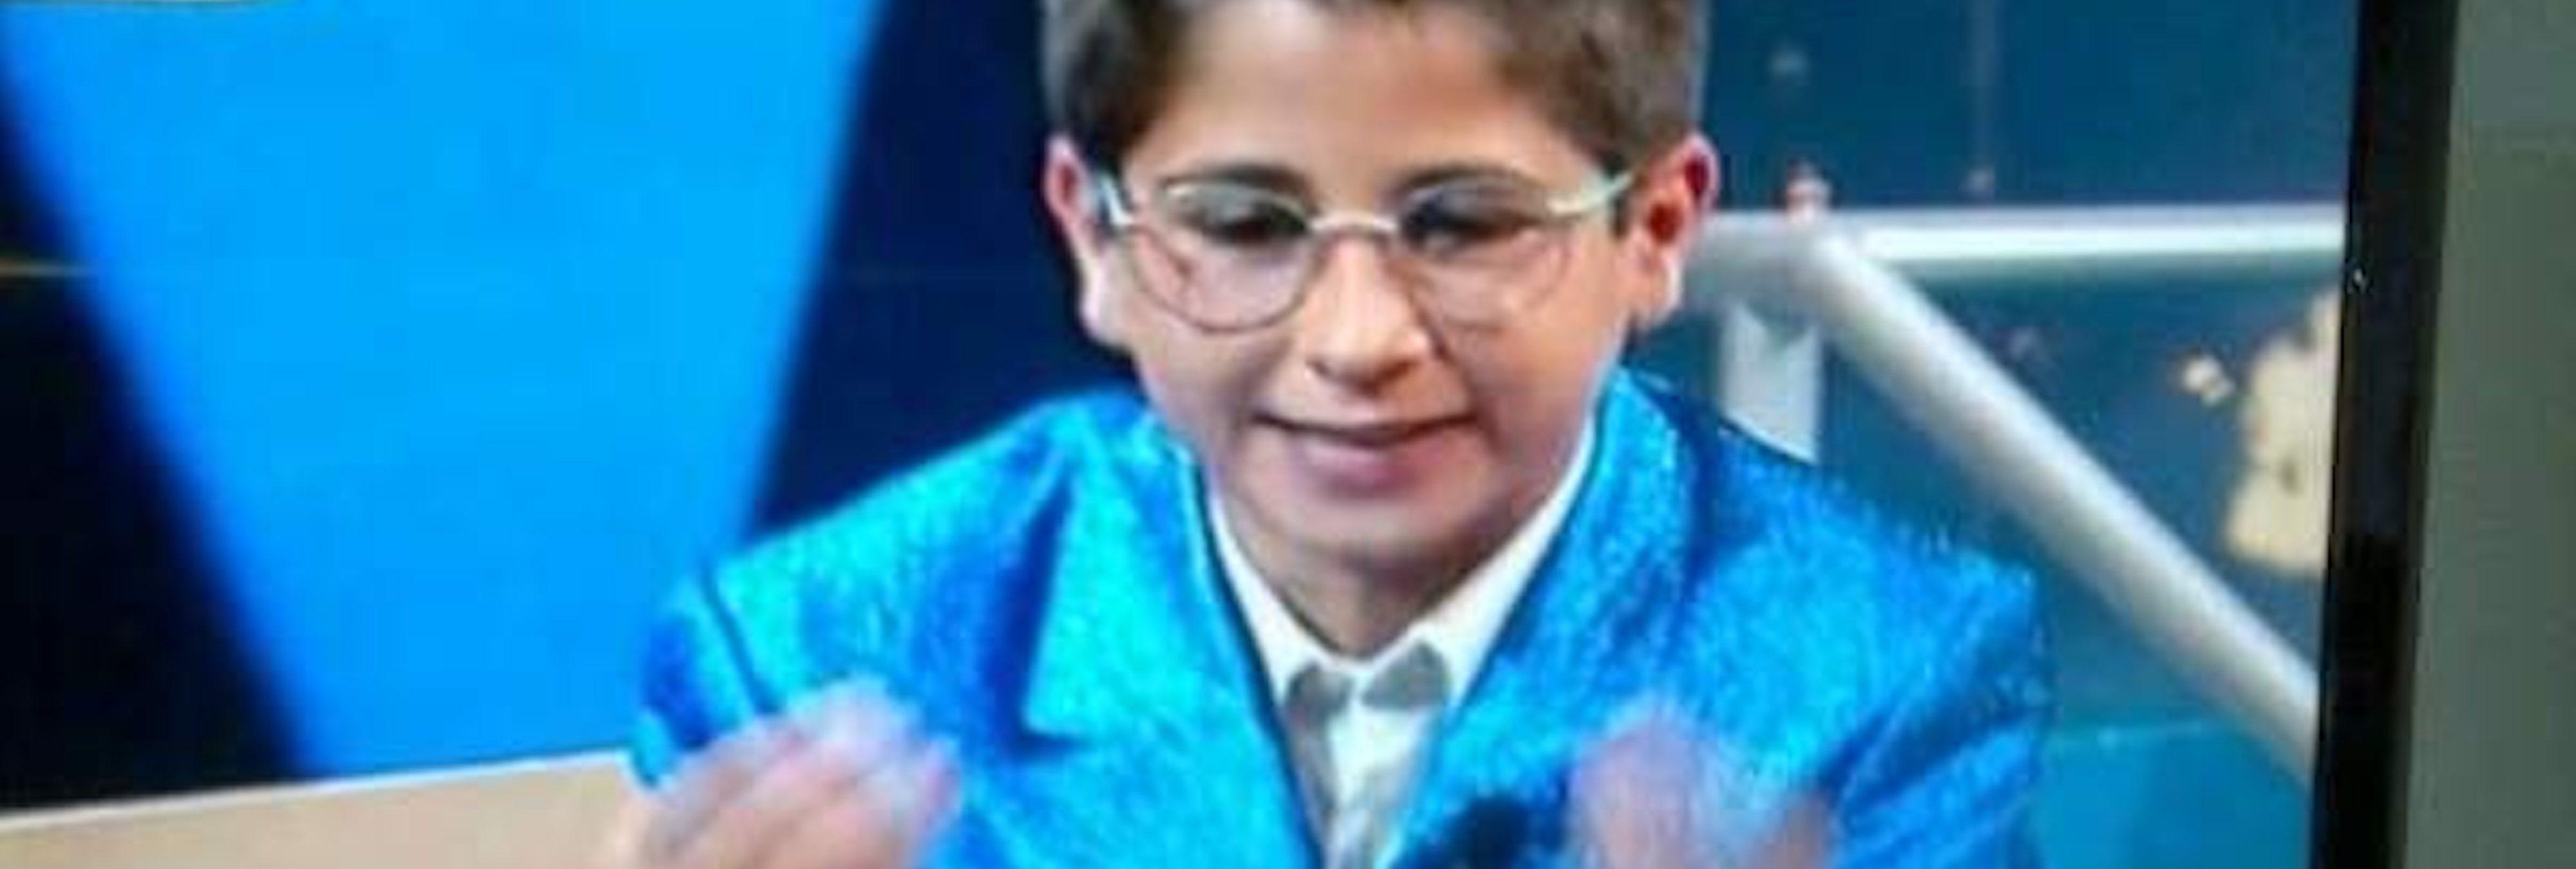 ¿Qué fue de Rubén Ramírez, el niño que arrasó en la televisión durante los 90?